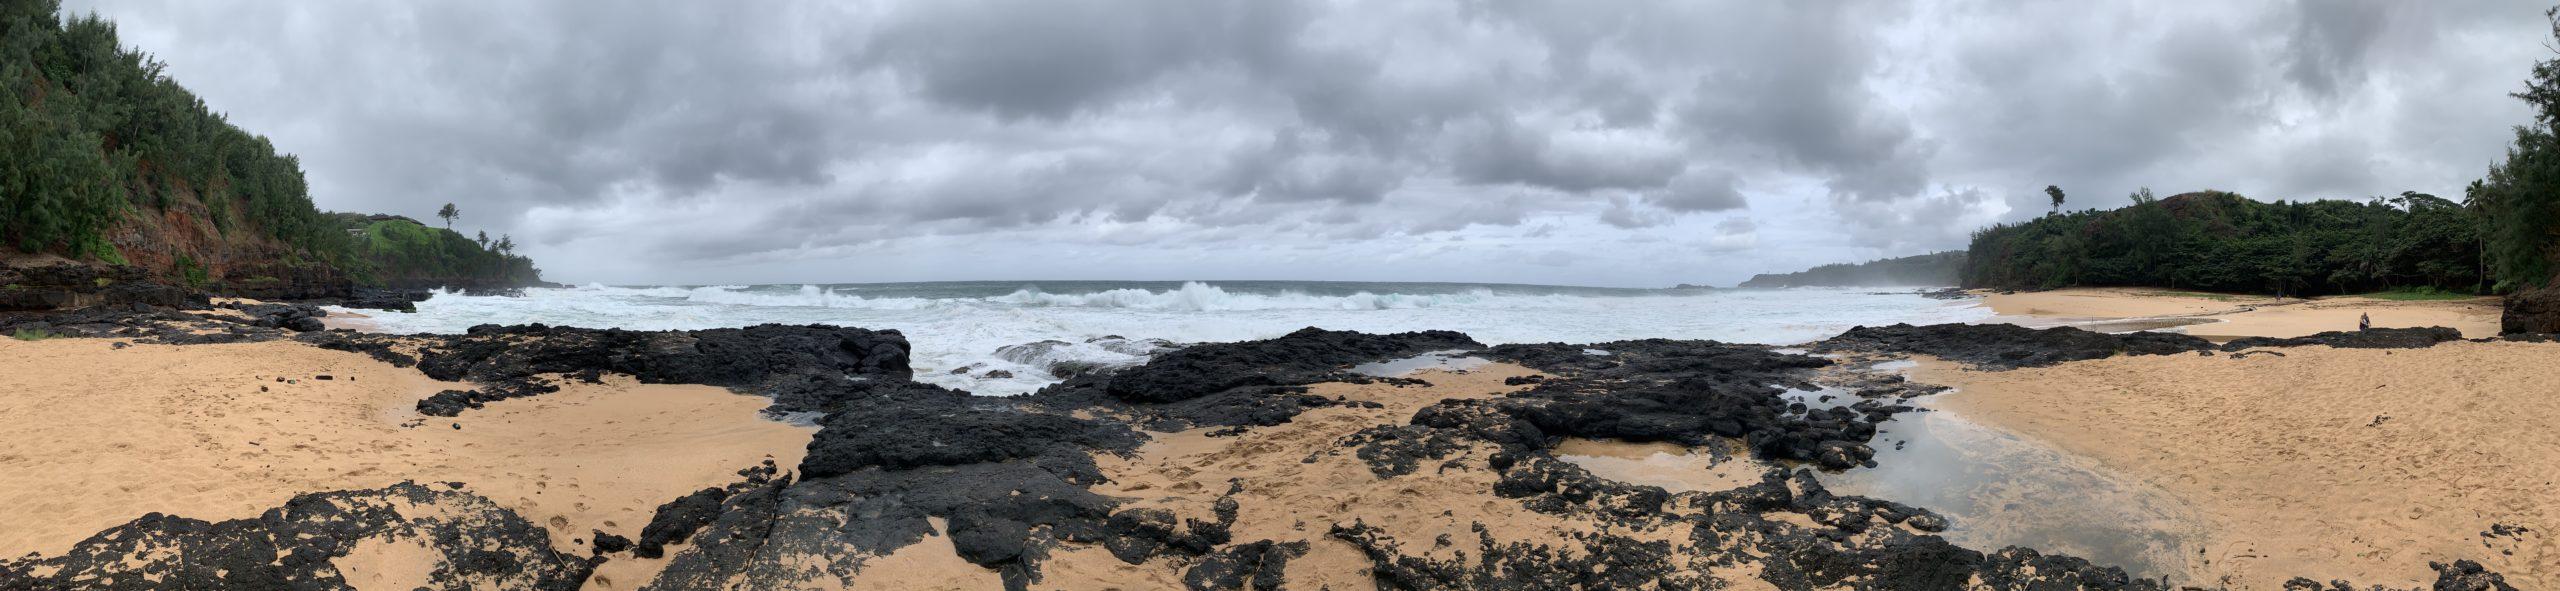 KAUAPEA BEACH